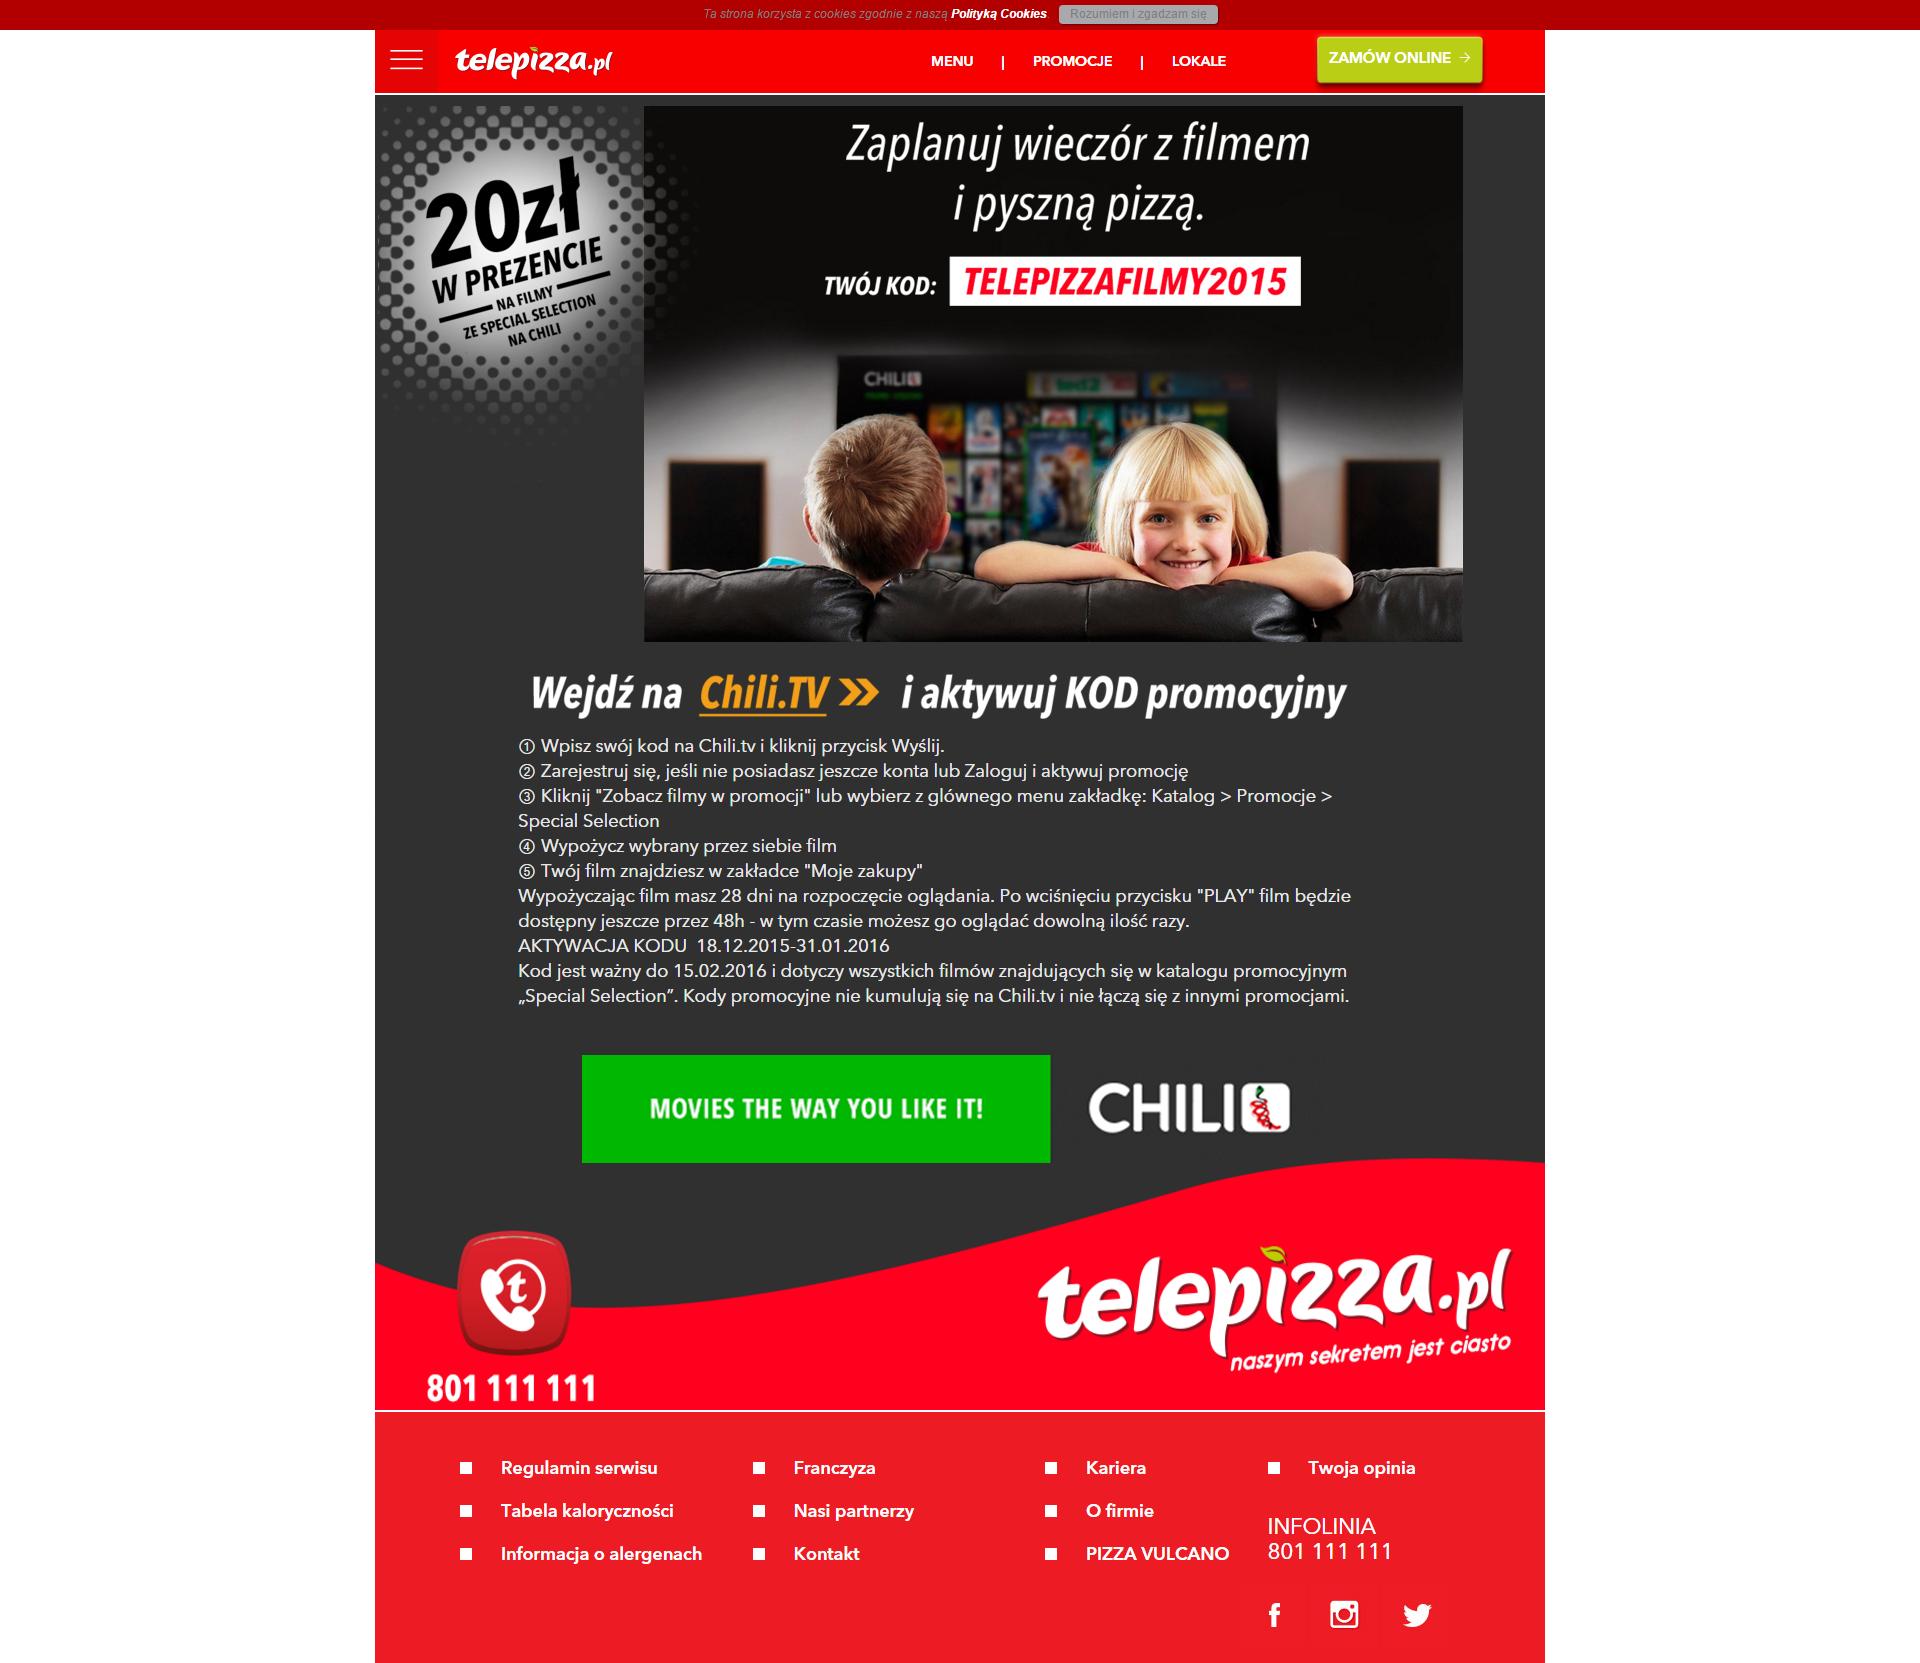 Oferta na 2 pizze w cenie 1 w Telepizza i film za darmo!